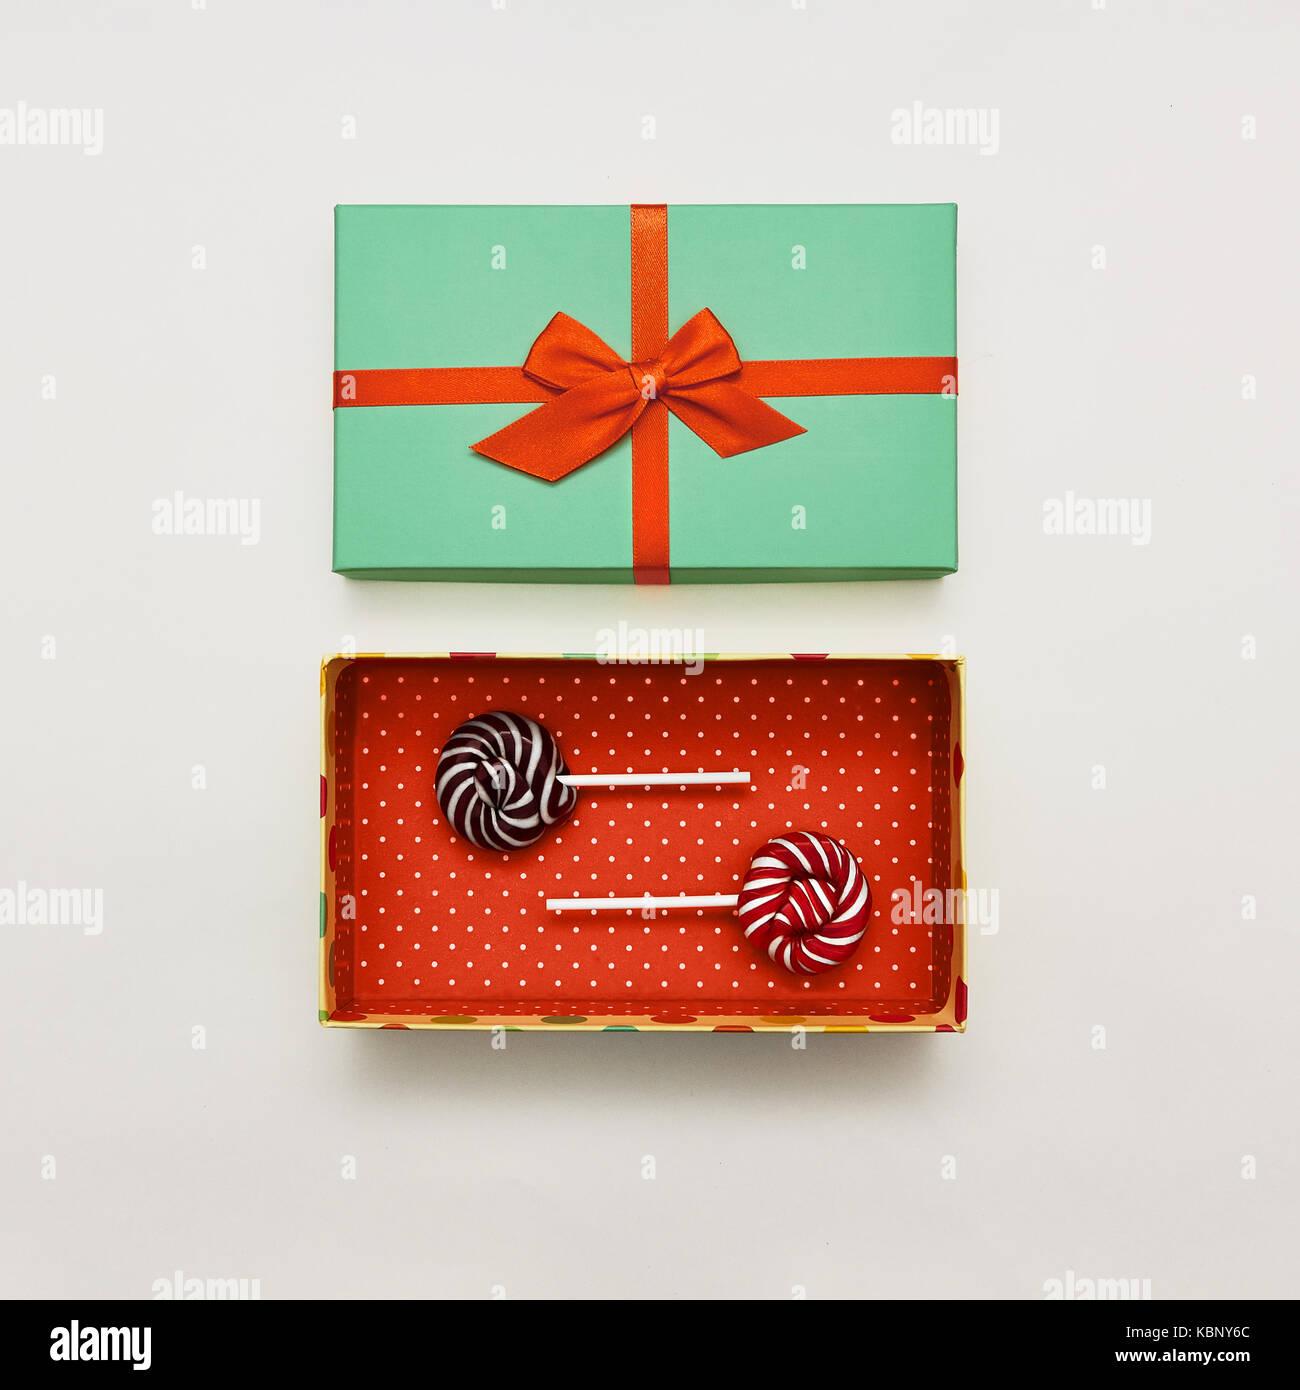 Lollipops laicos plana con fondo blanco dos paletas de colores se encuentran en caja de regalo roja con lunares Imagen De Stock